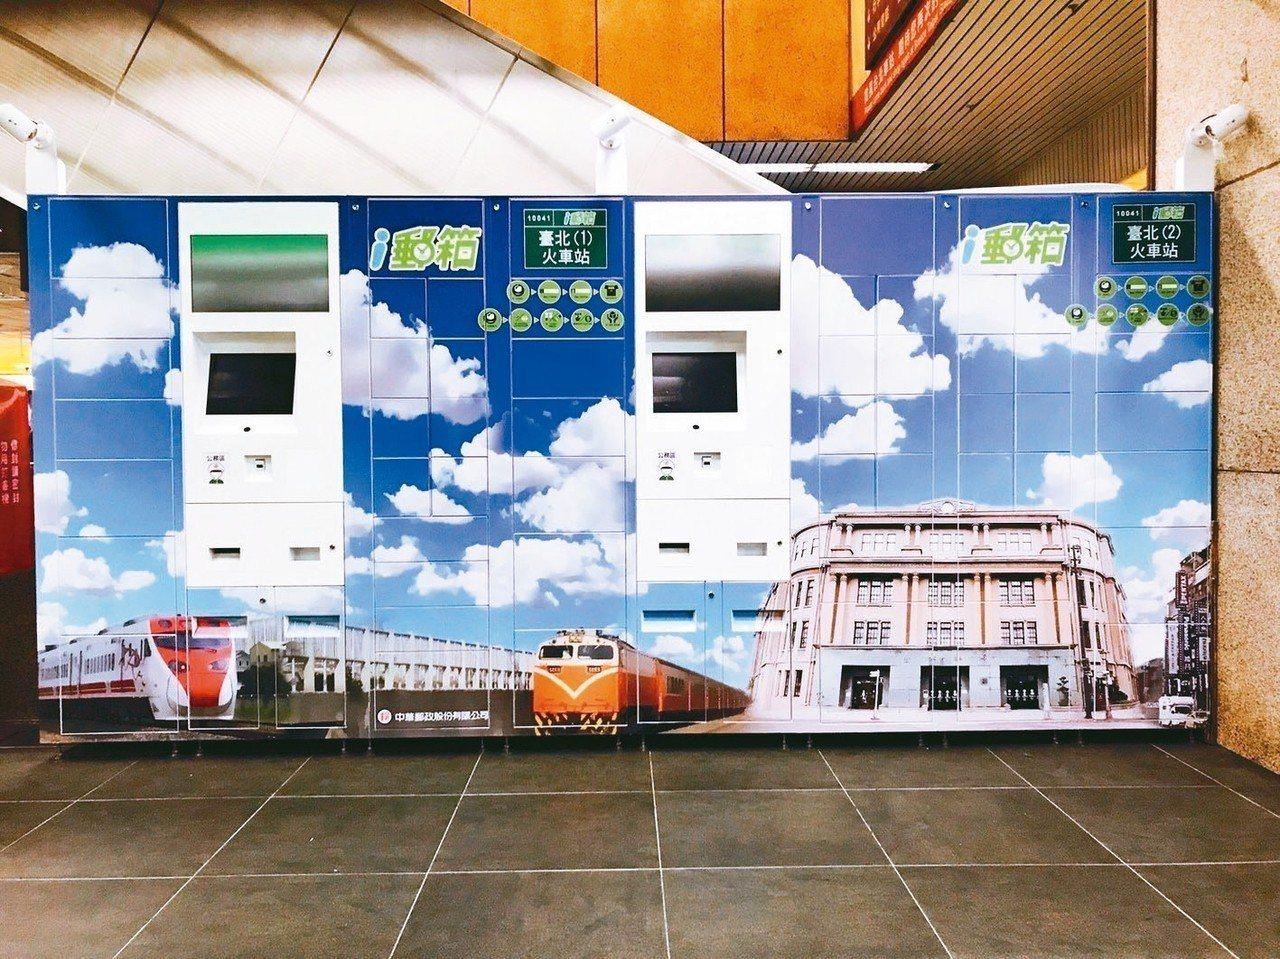 中華郵政i郵箱今年3月起擴建至火車站。 圖/中華郵政提供